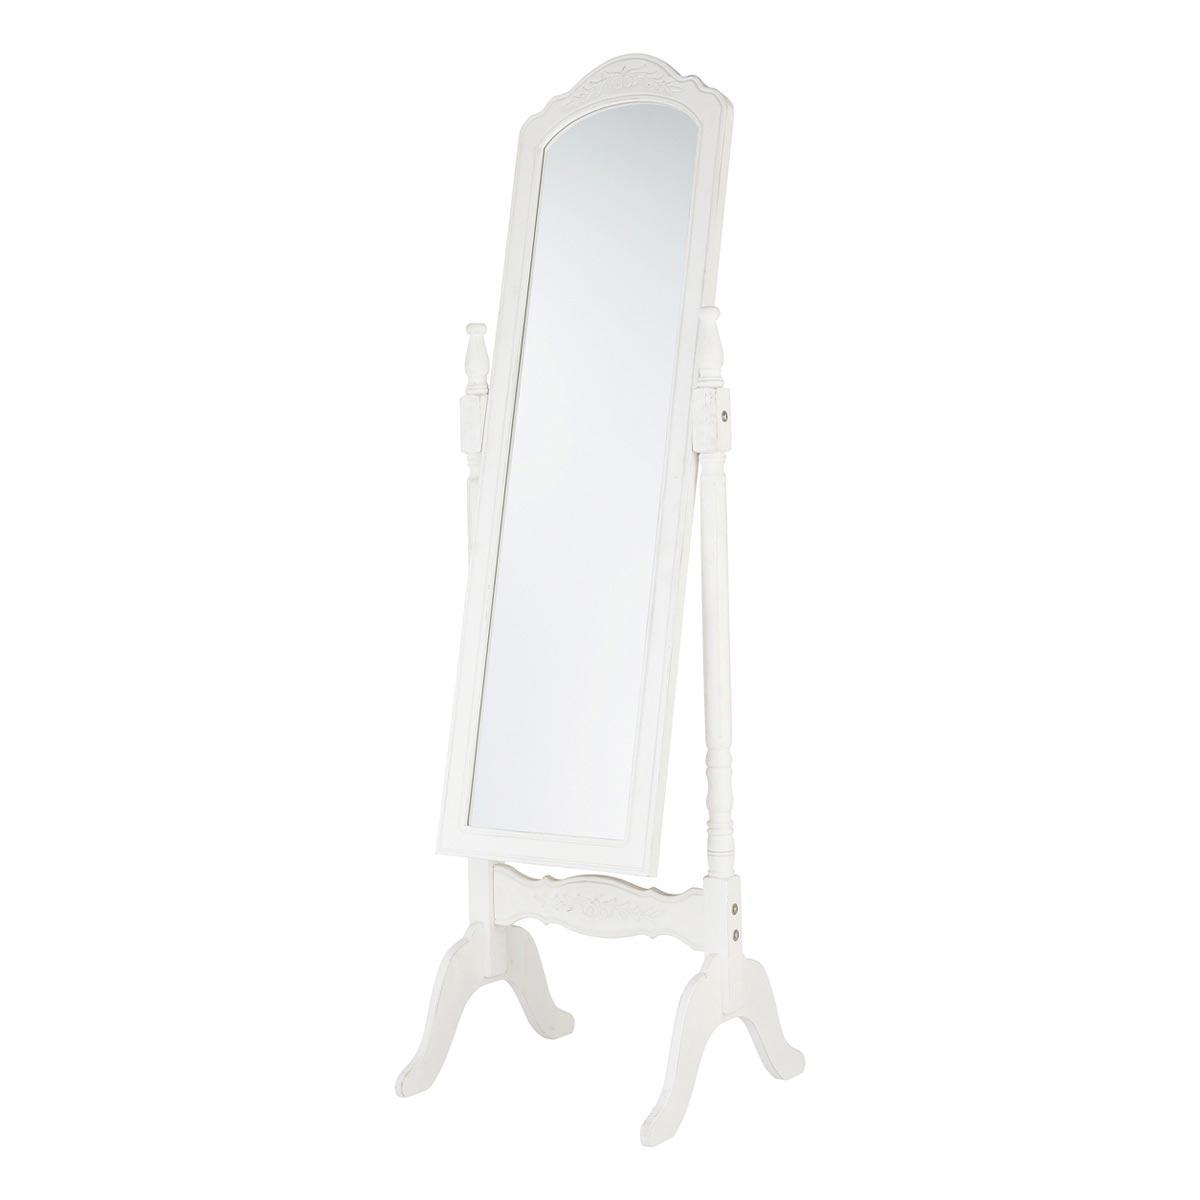 Espejos de pie para dormitorio dise os arquitect nicos for Espejos de pie para habitacion